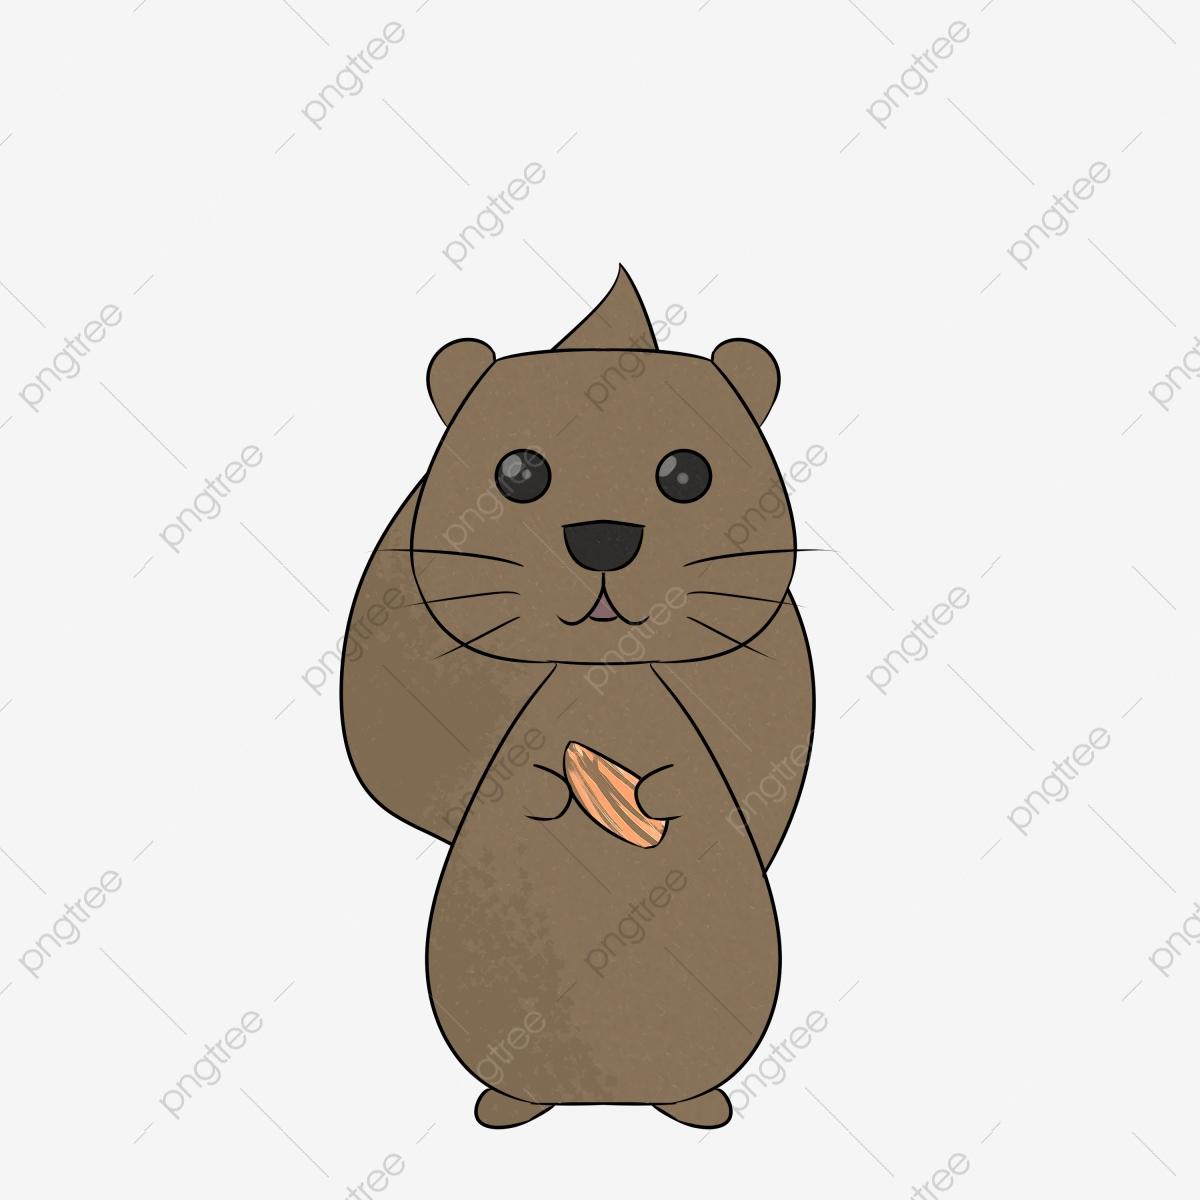 Schönes Zeichentrick Eichhörnchen Tiere Süße Eichhörnchen ganzes Süße Zeichentrick Bilder